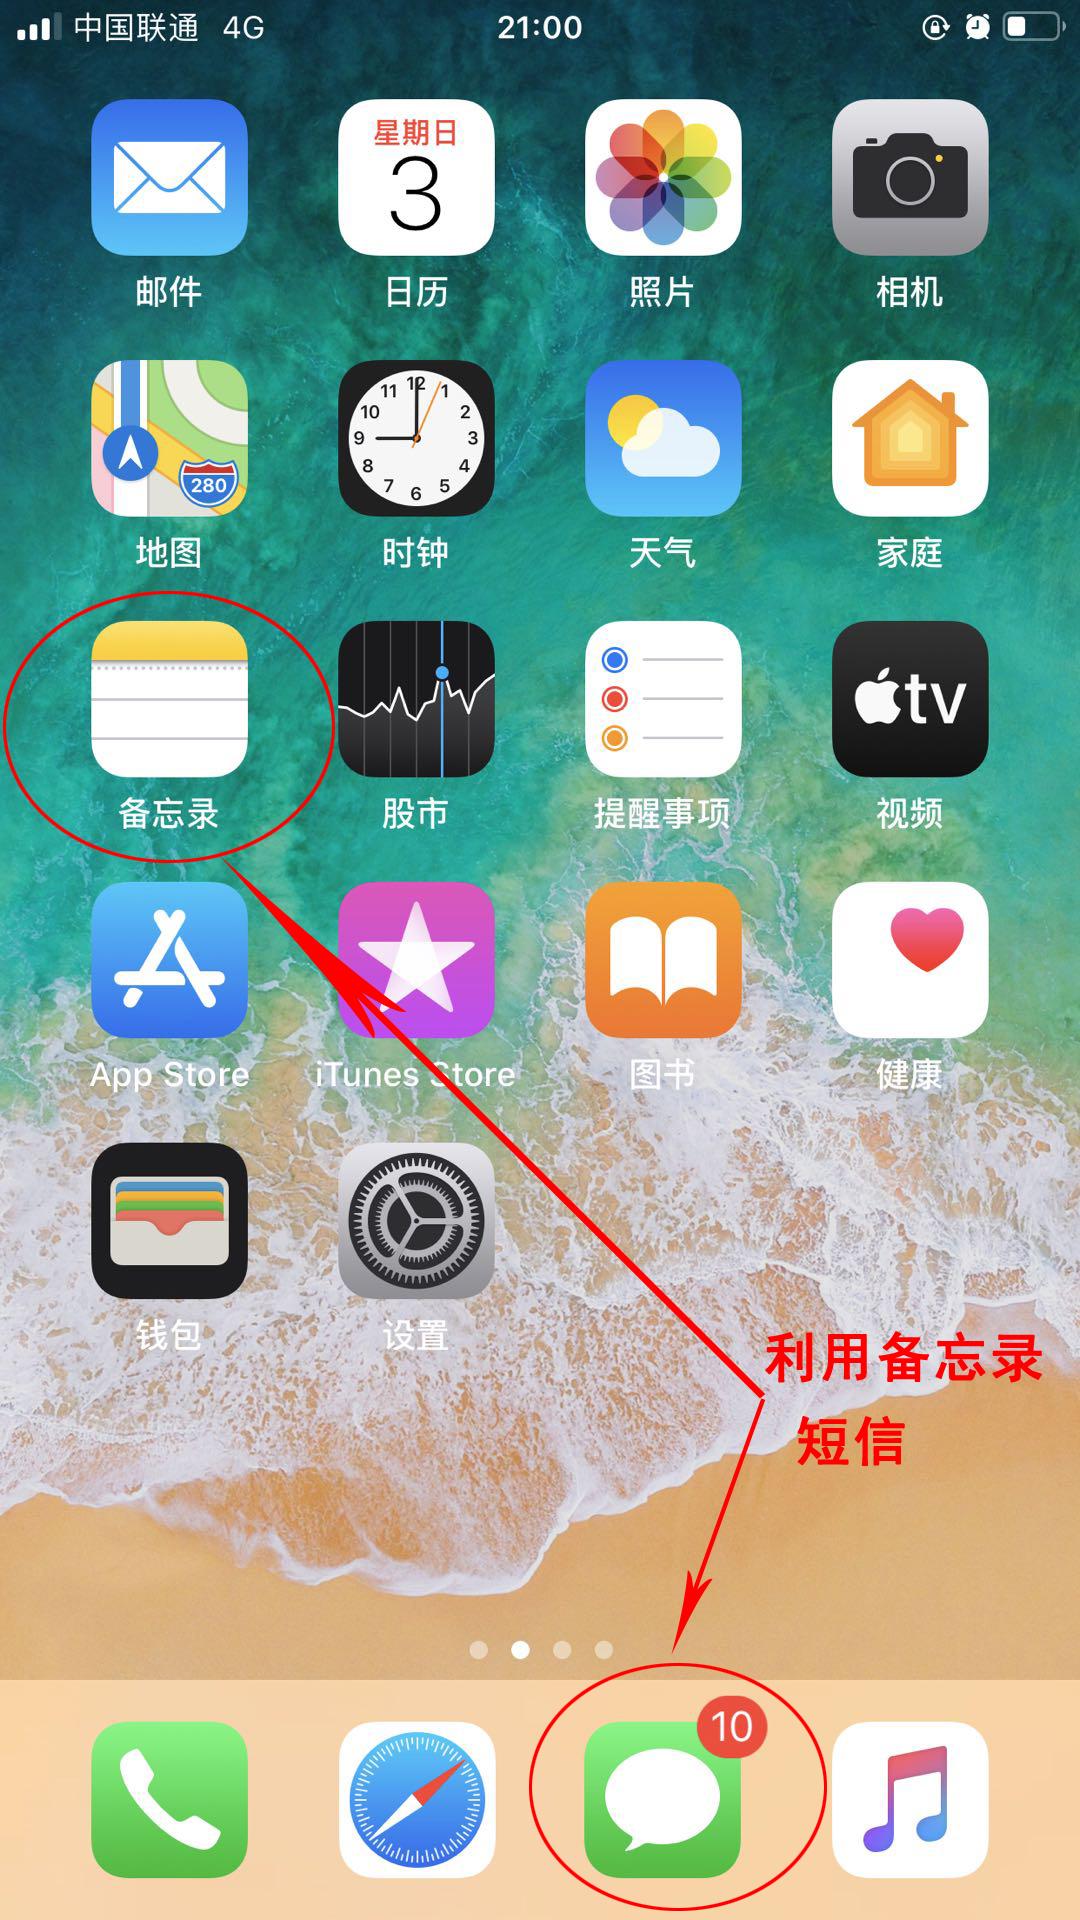 苹果手机换行键在哪里(苹果手机找不到换行键)